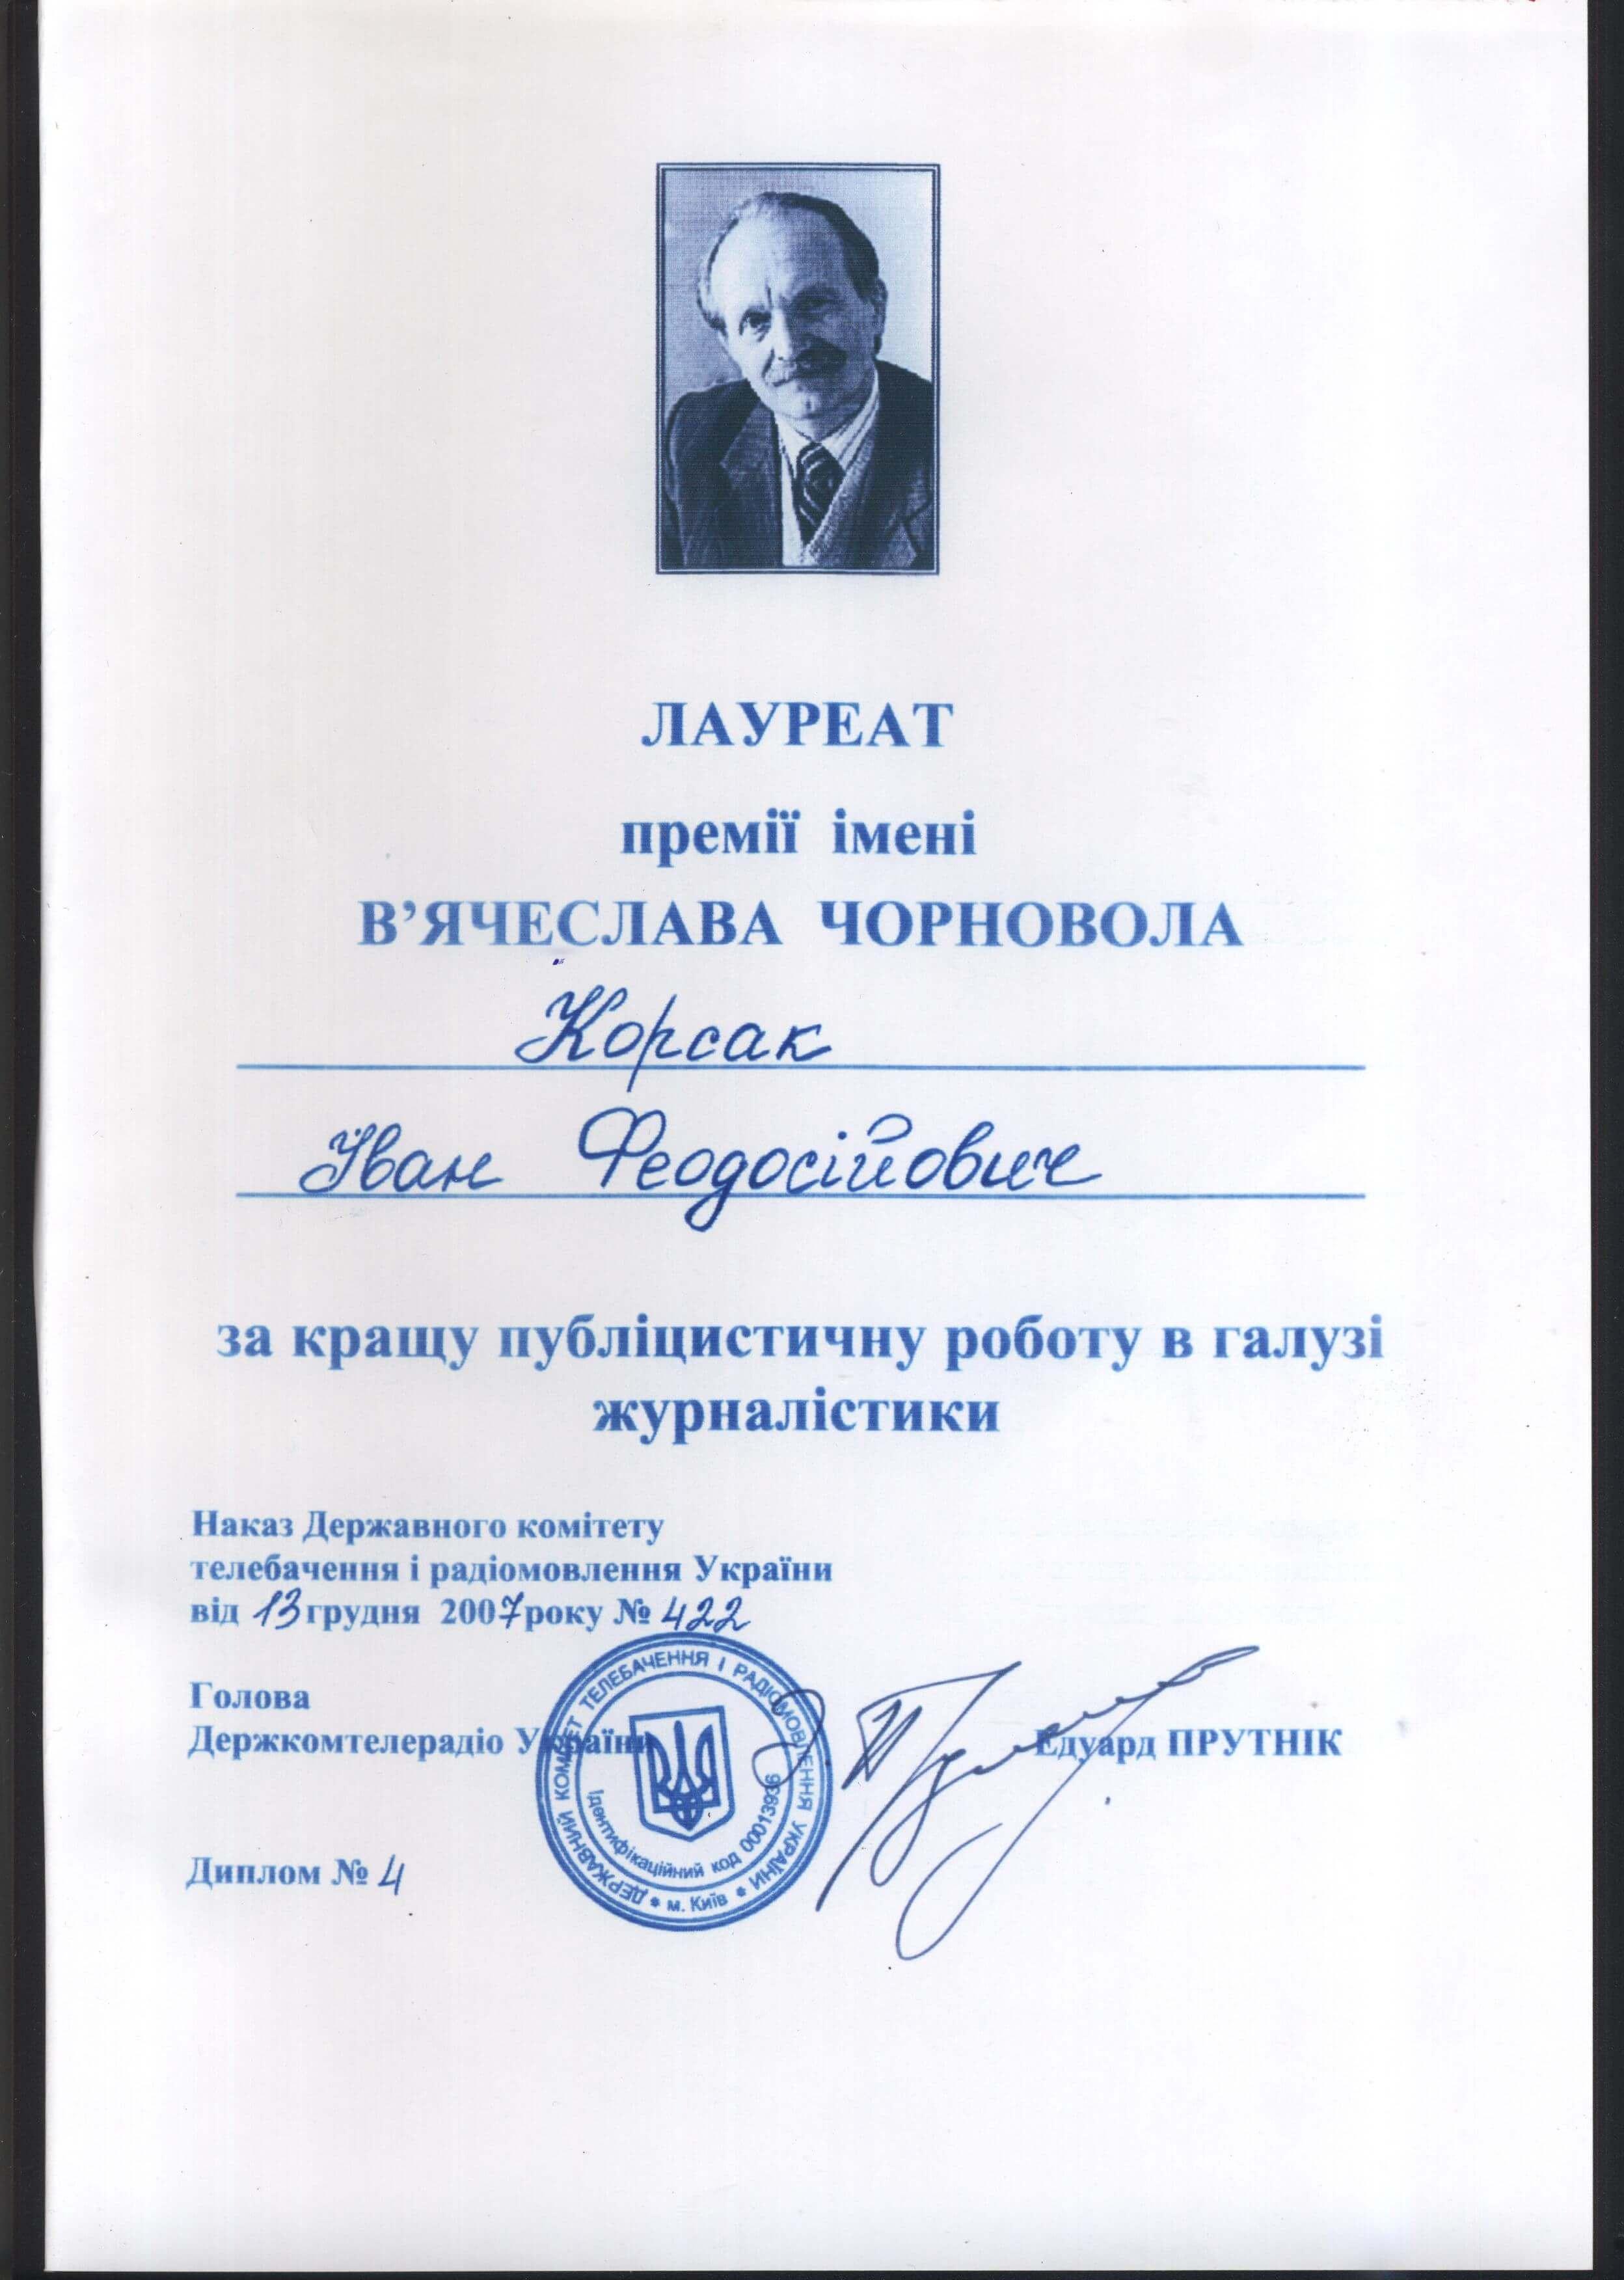 v.chornovola